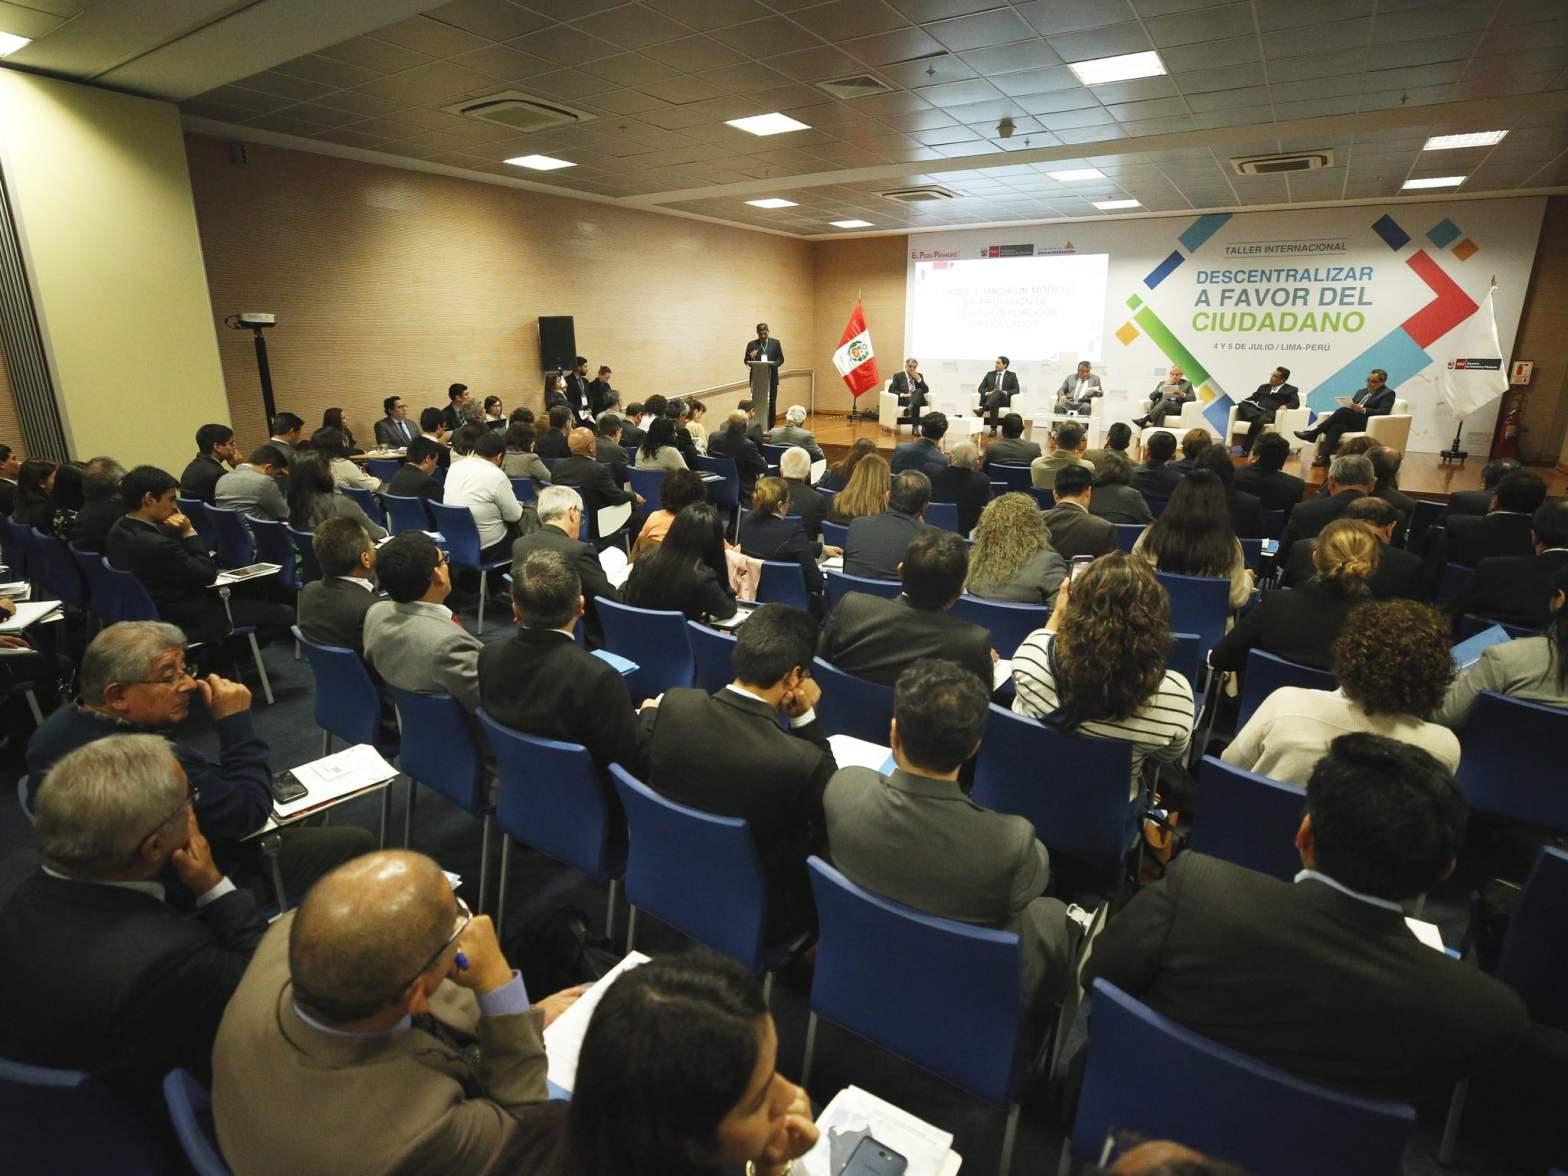 Autoridades gubernamentales y el Legislativo acuerdan fortalecer y profundizar la descentralización